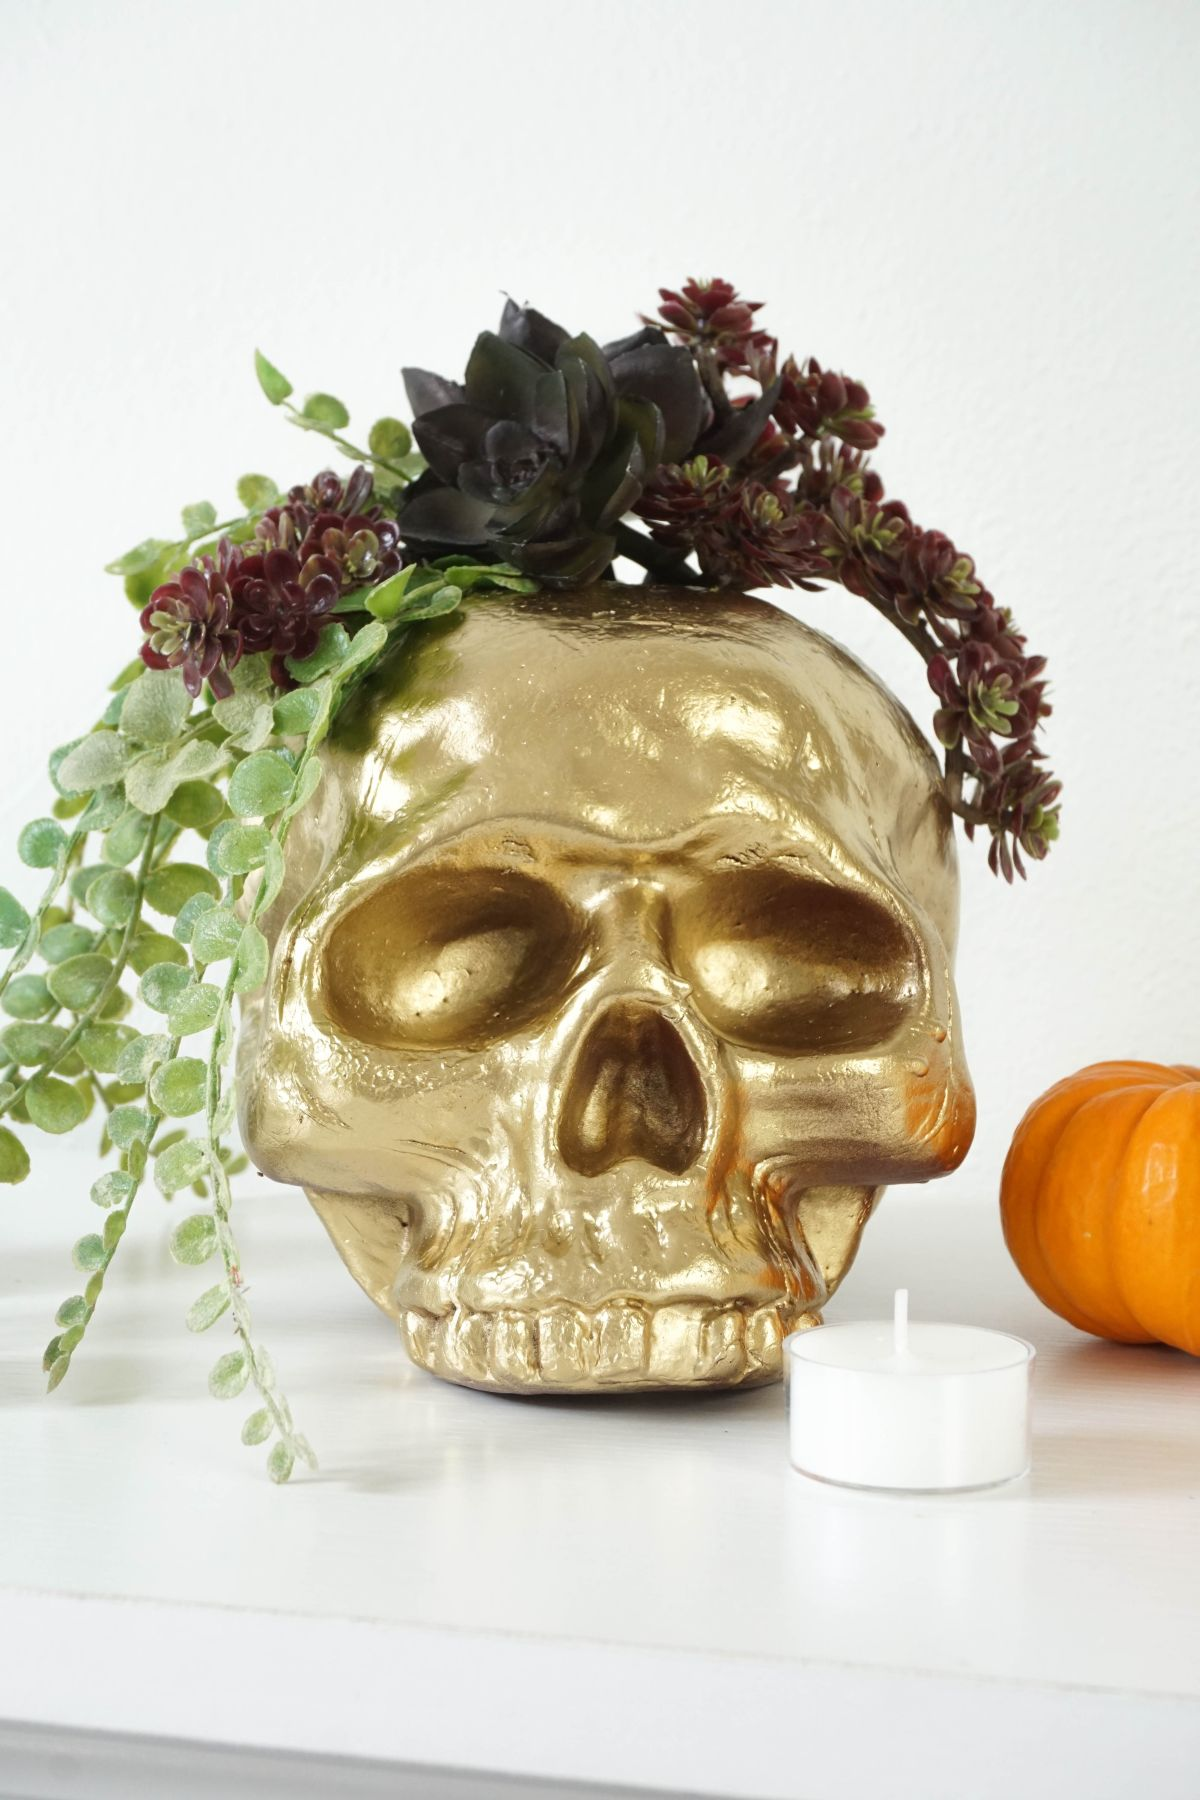 DIY Gilded Skull Vase - Decorate